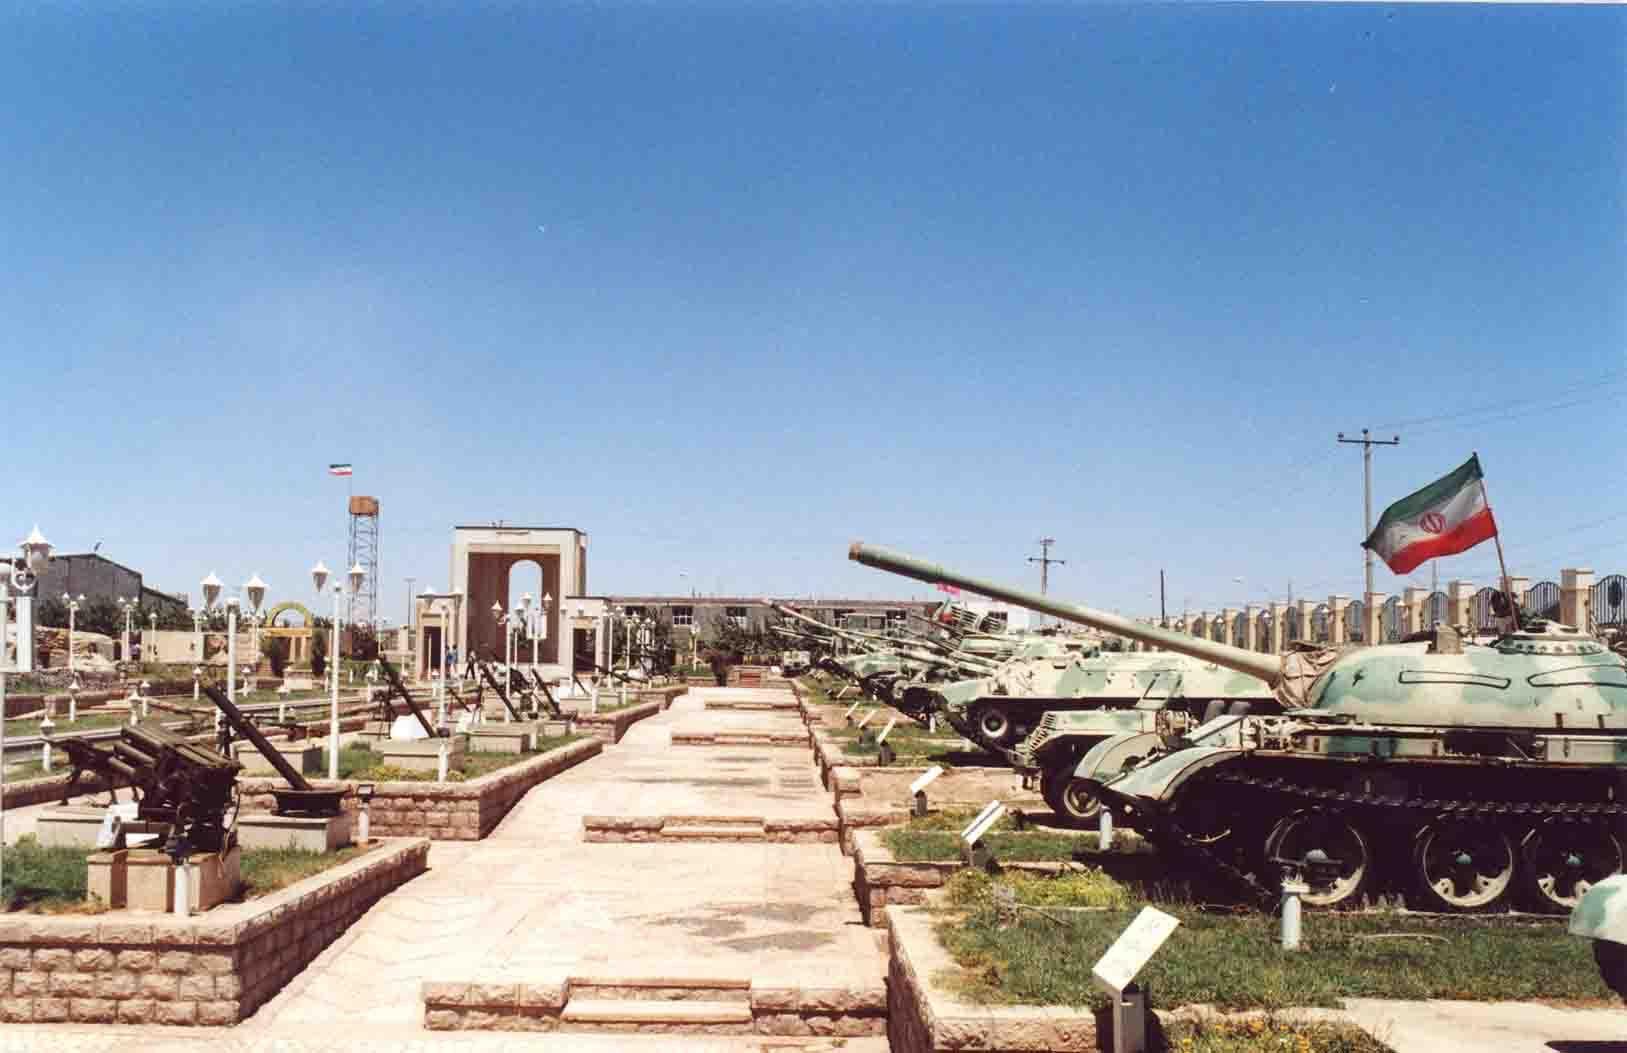 فرماندهان ارشد نیروهای مسلح از موزه انقلاب اسلامی و دفاع مقدس بازدید کردند